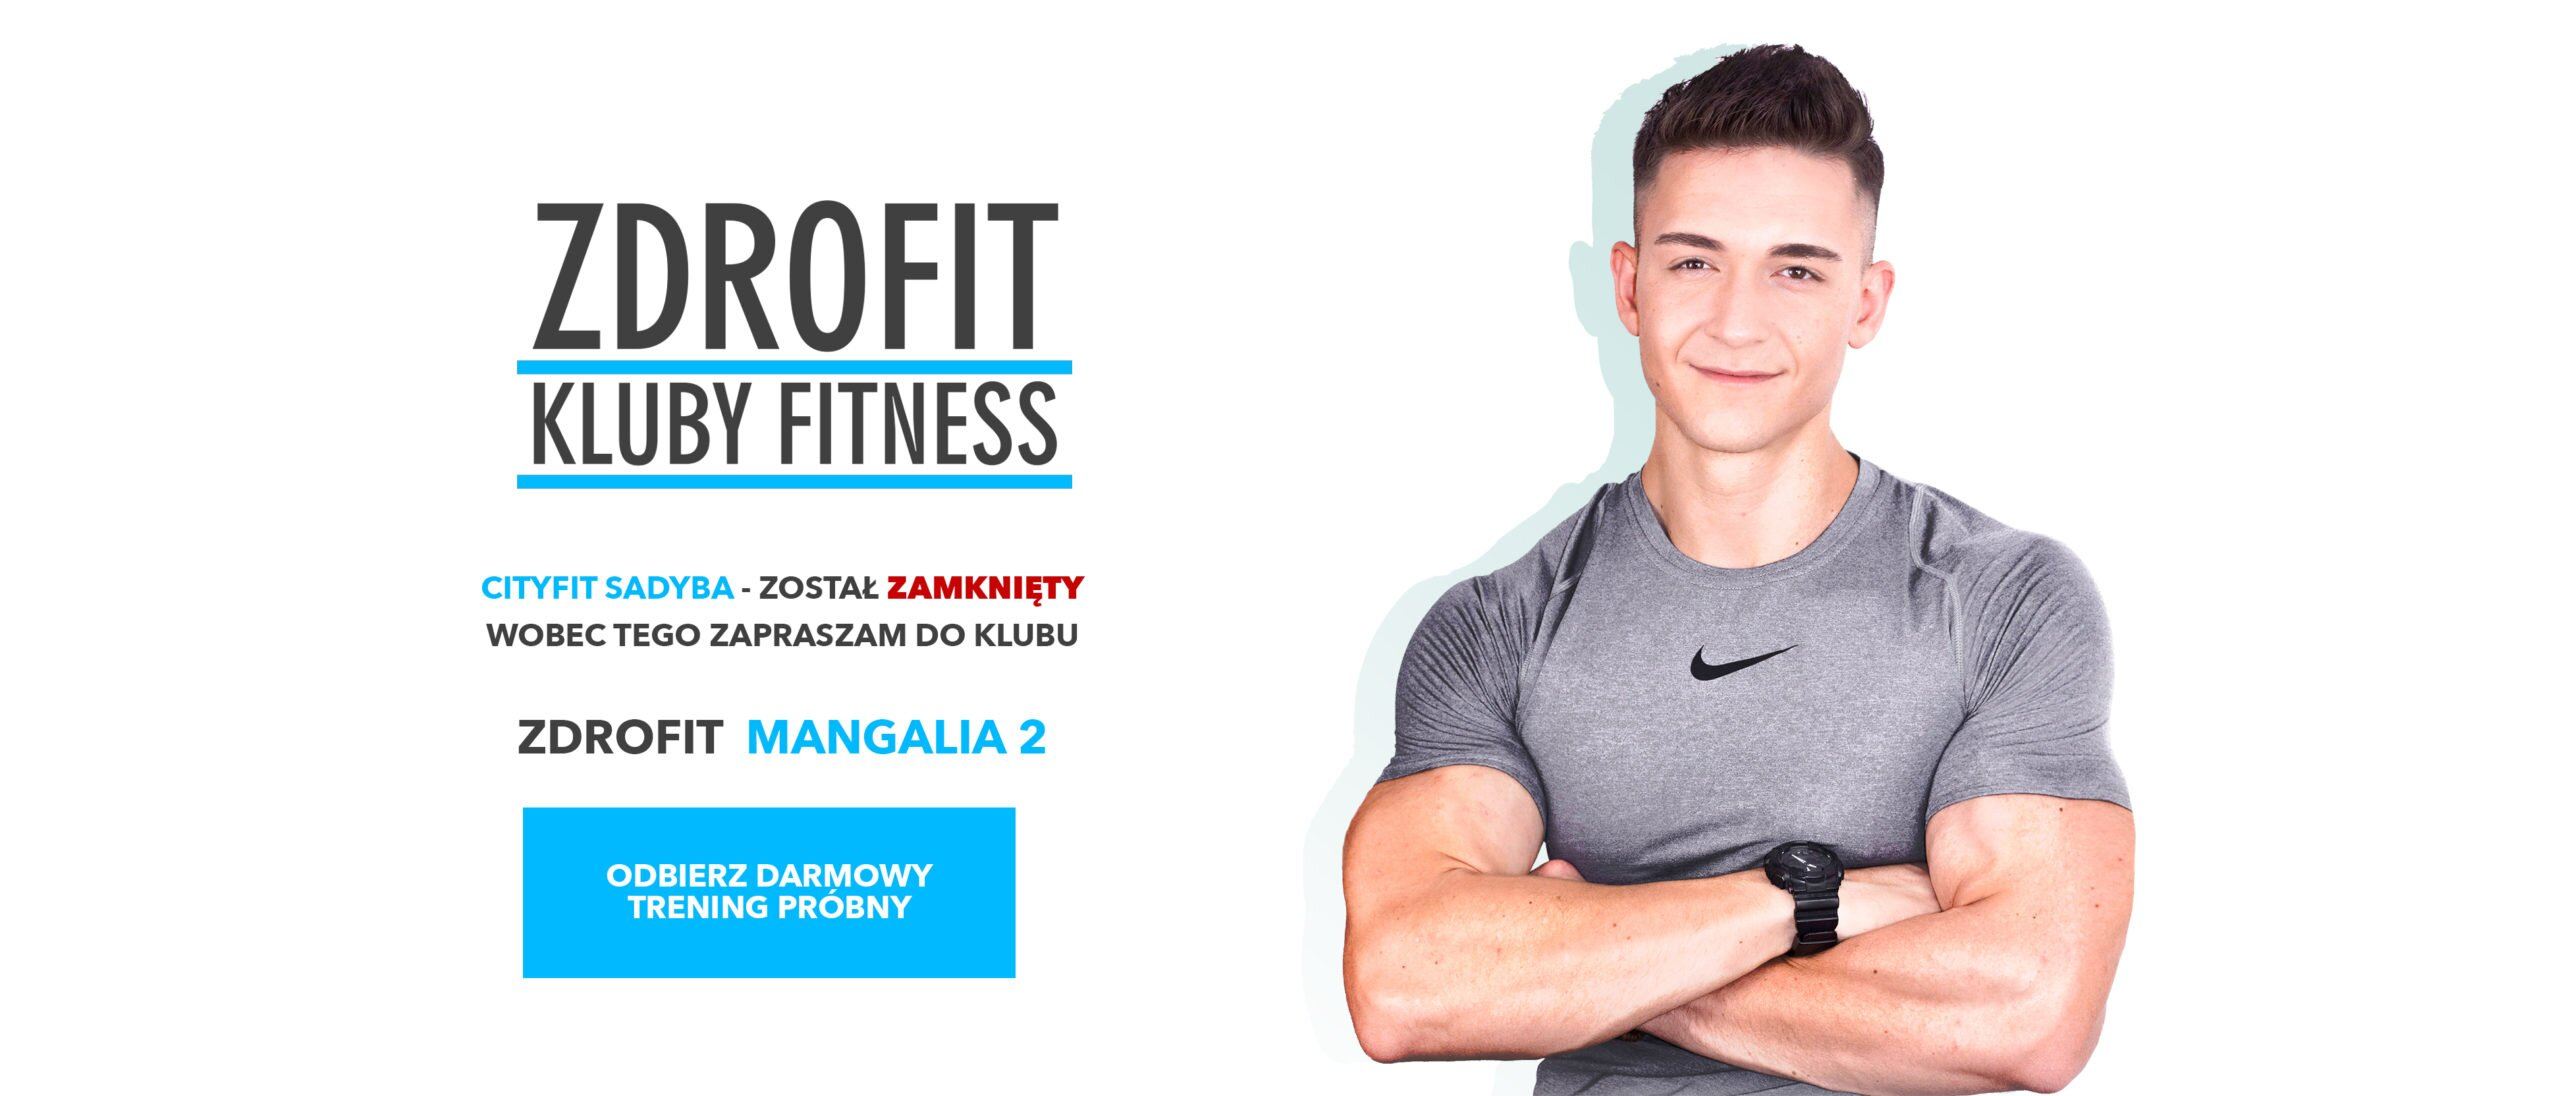 siłownia Cityfit Sadyba została zamknięta - zapraszam na próbny trening personalny w Zdrofit Mangalia 2 Stegny